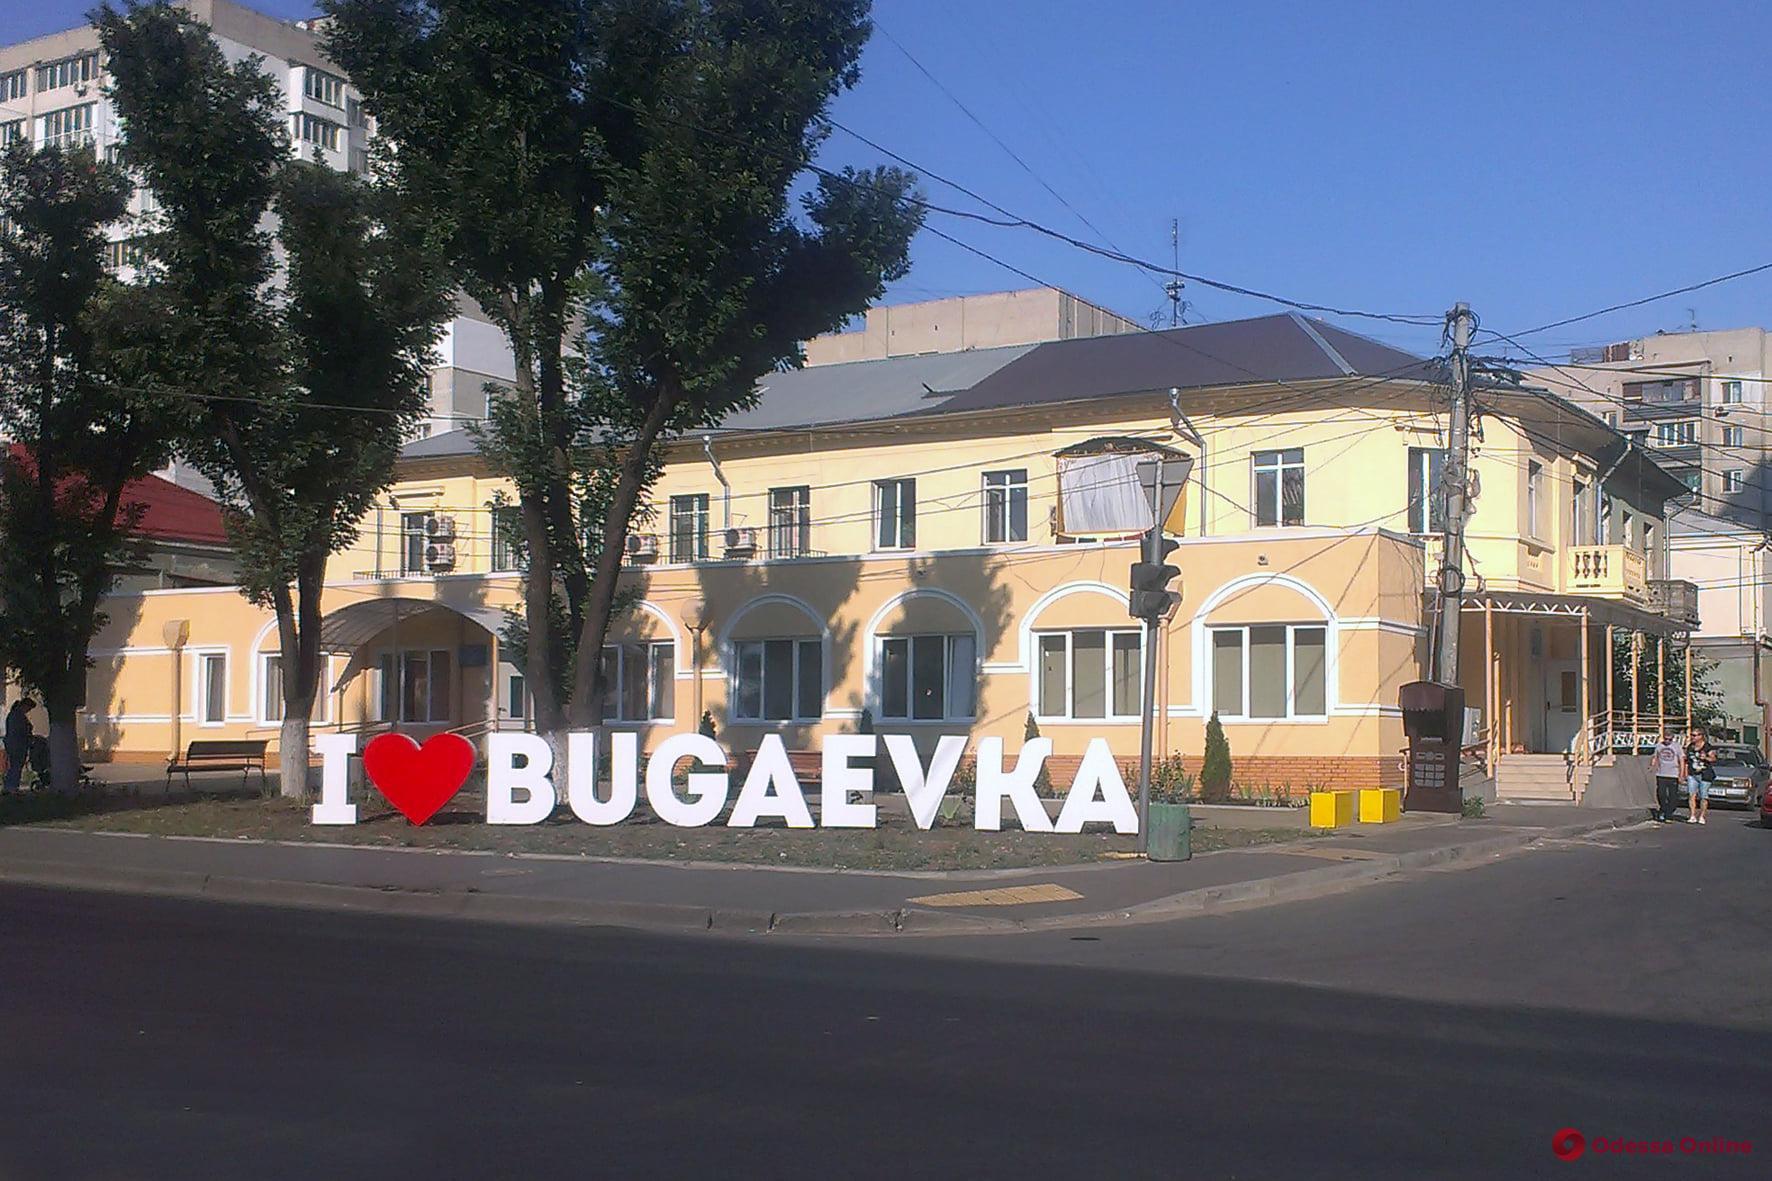 Ilove Bugaevka: в Одессе появился новый арт-объект